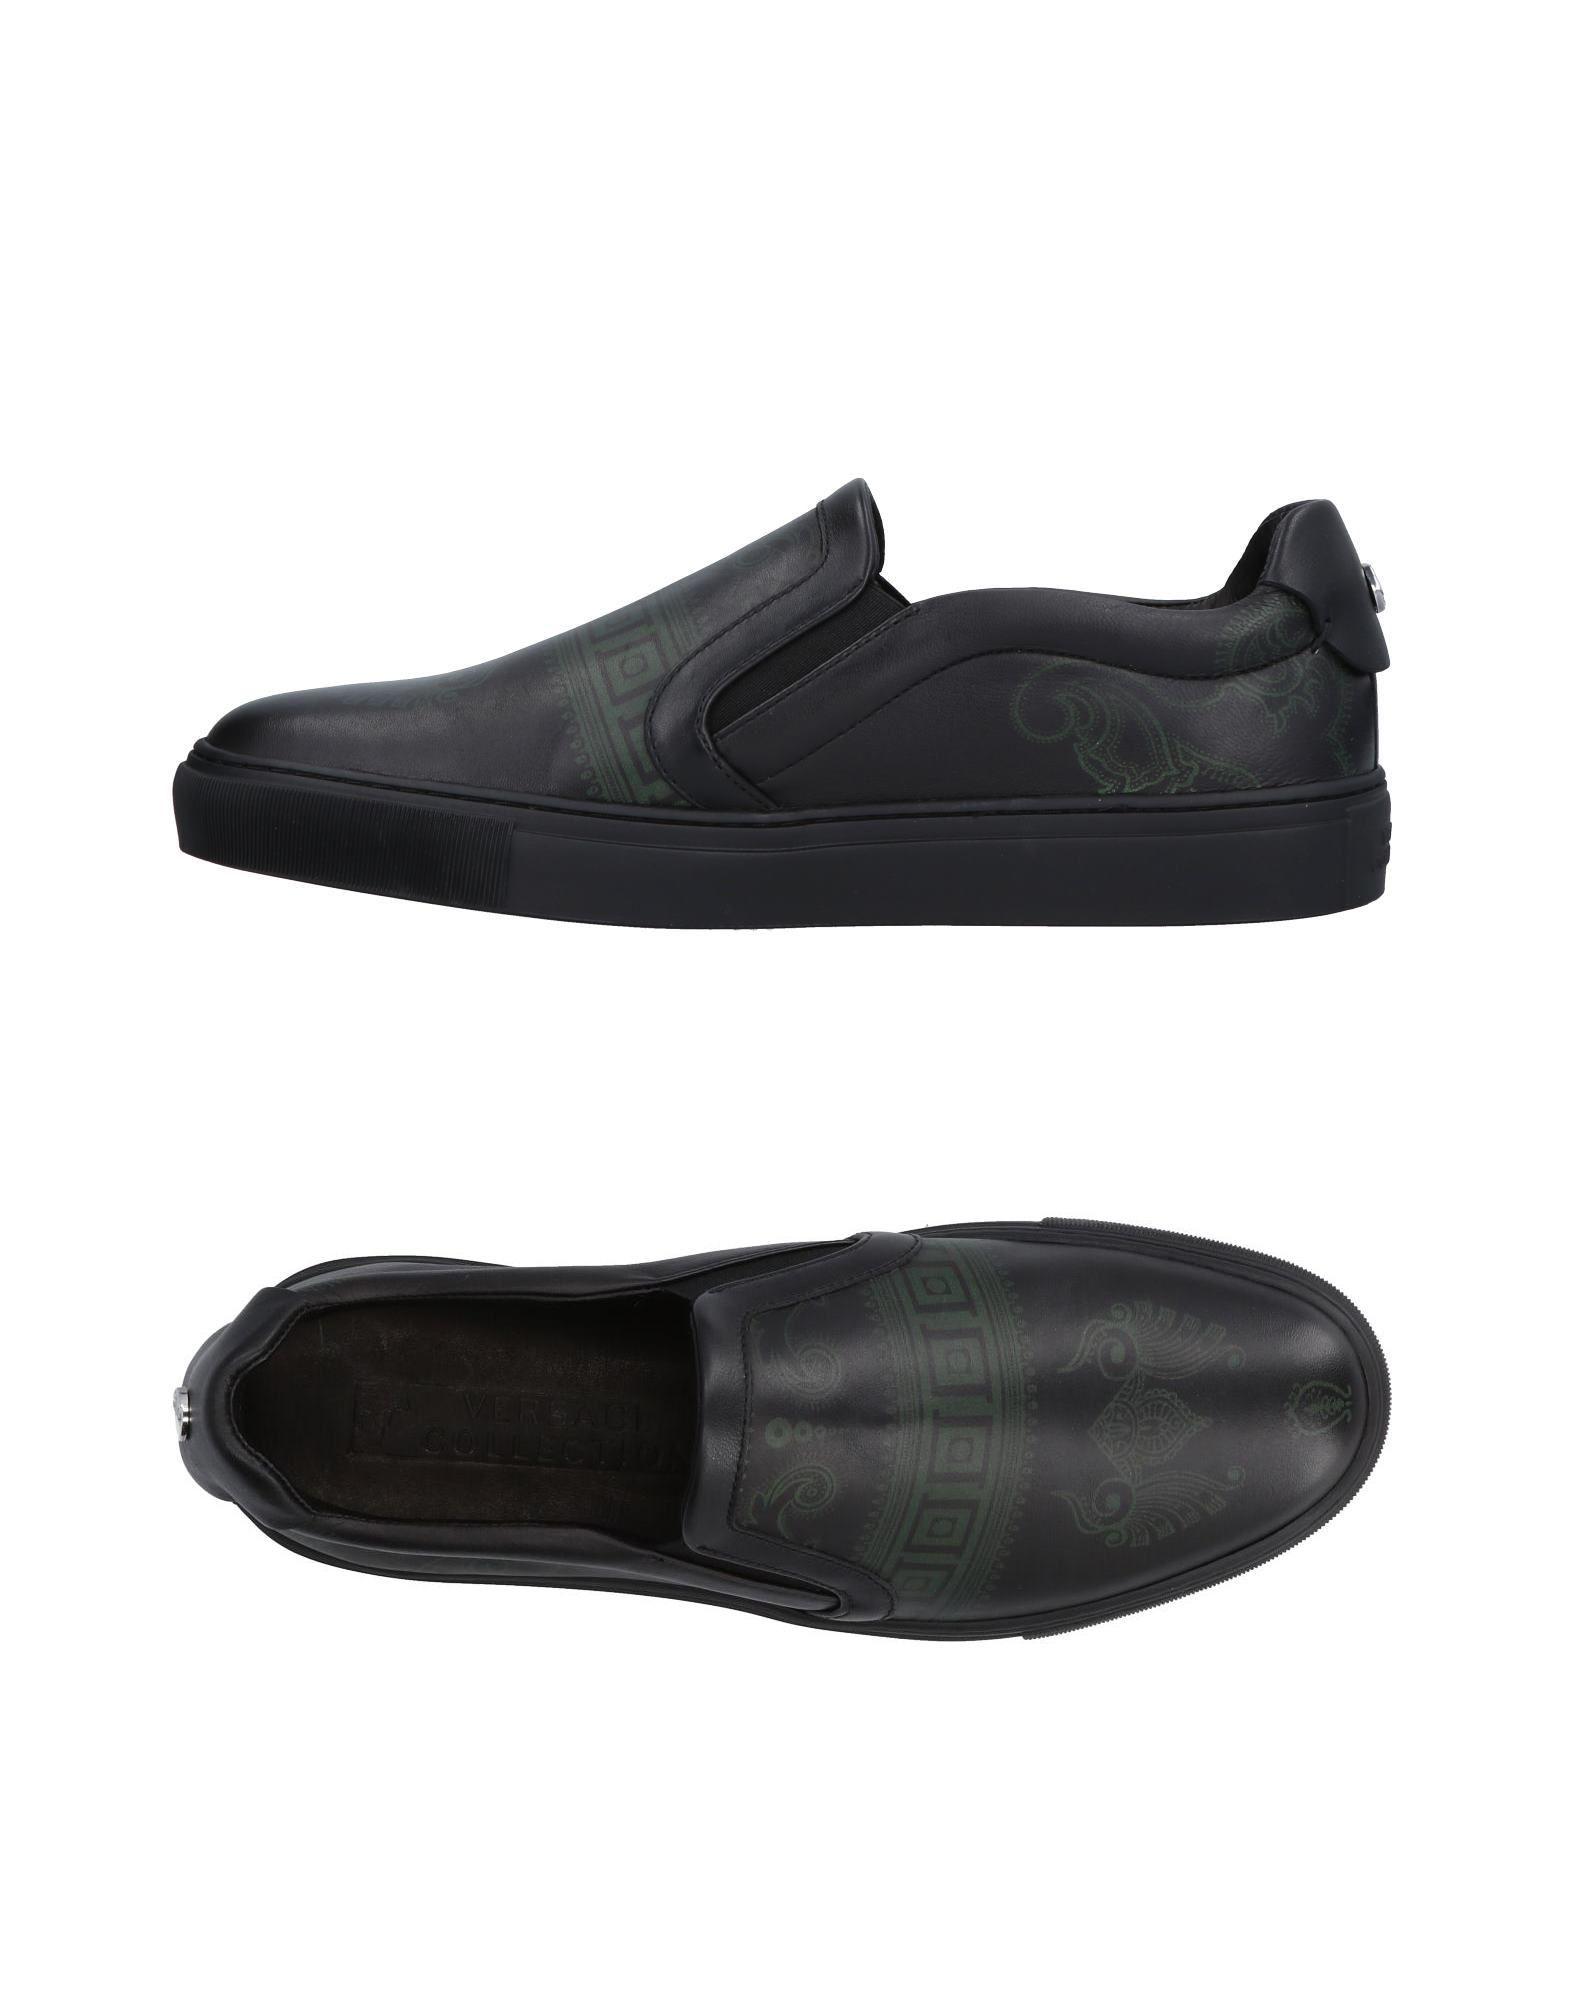 Versace Collection Sneakers Herren  11463625RJ Gute Qualität beliebte Schuhe